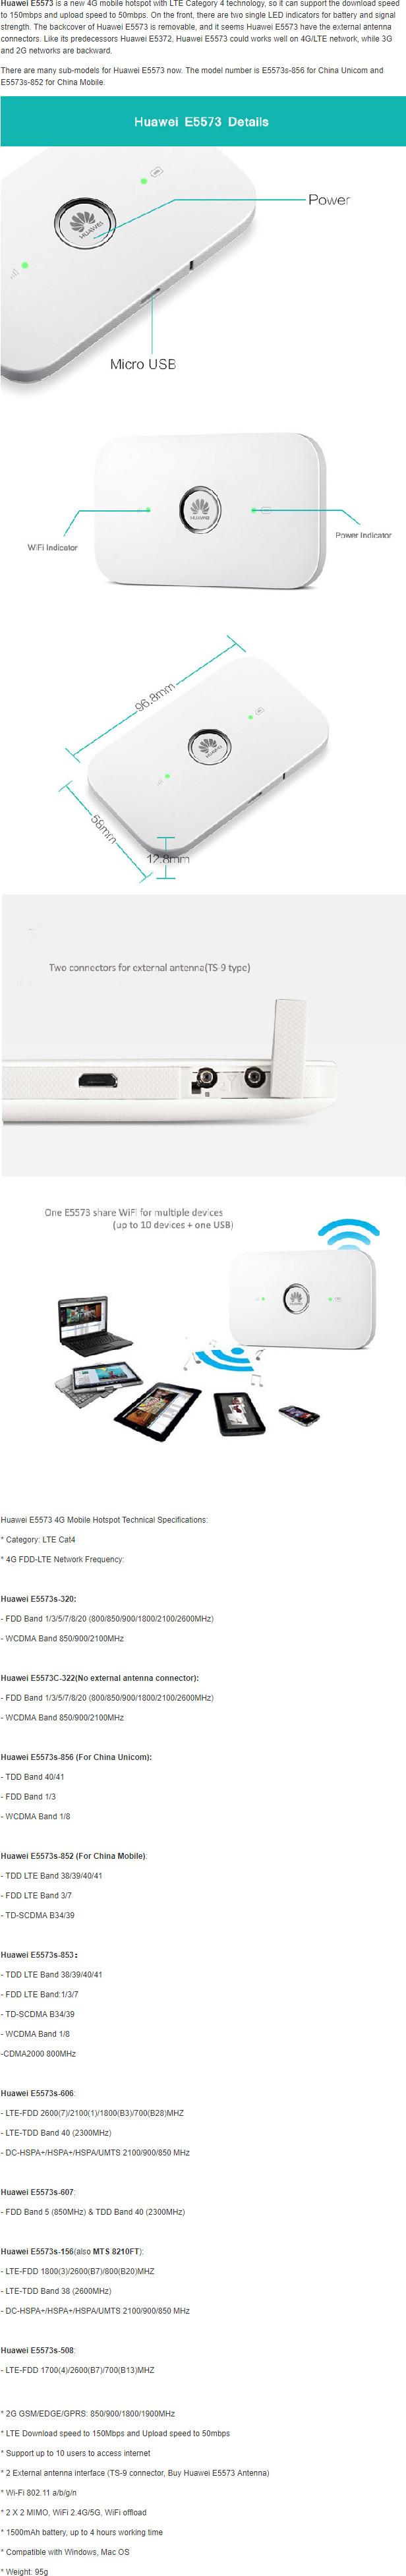 Huawei E5573 Portable 4G LTE Router